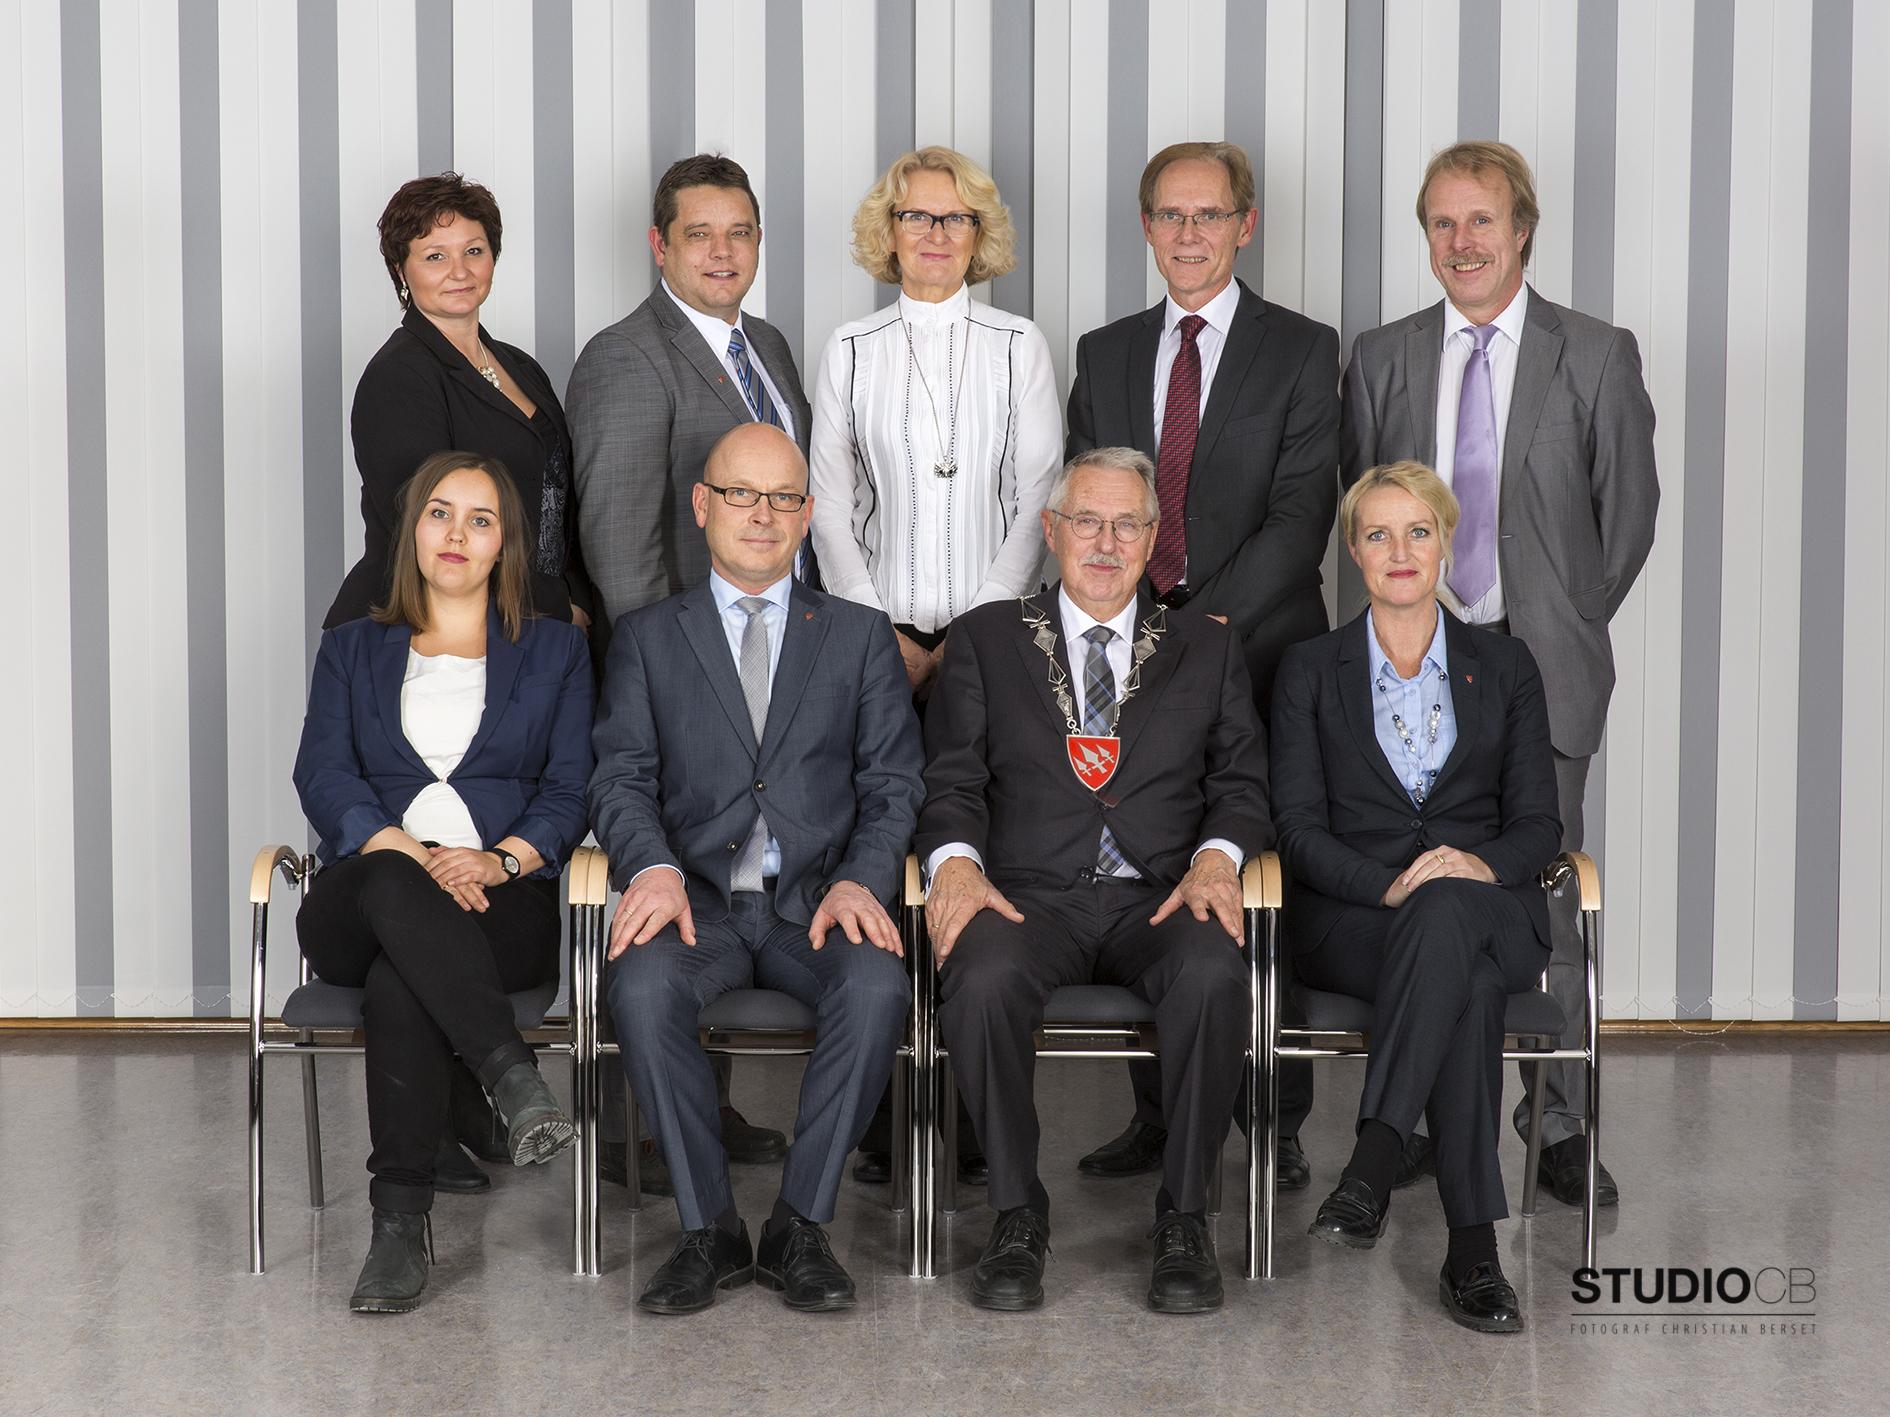 Foto av formannskapet 2015-2019.jpg